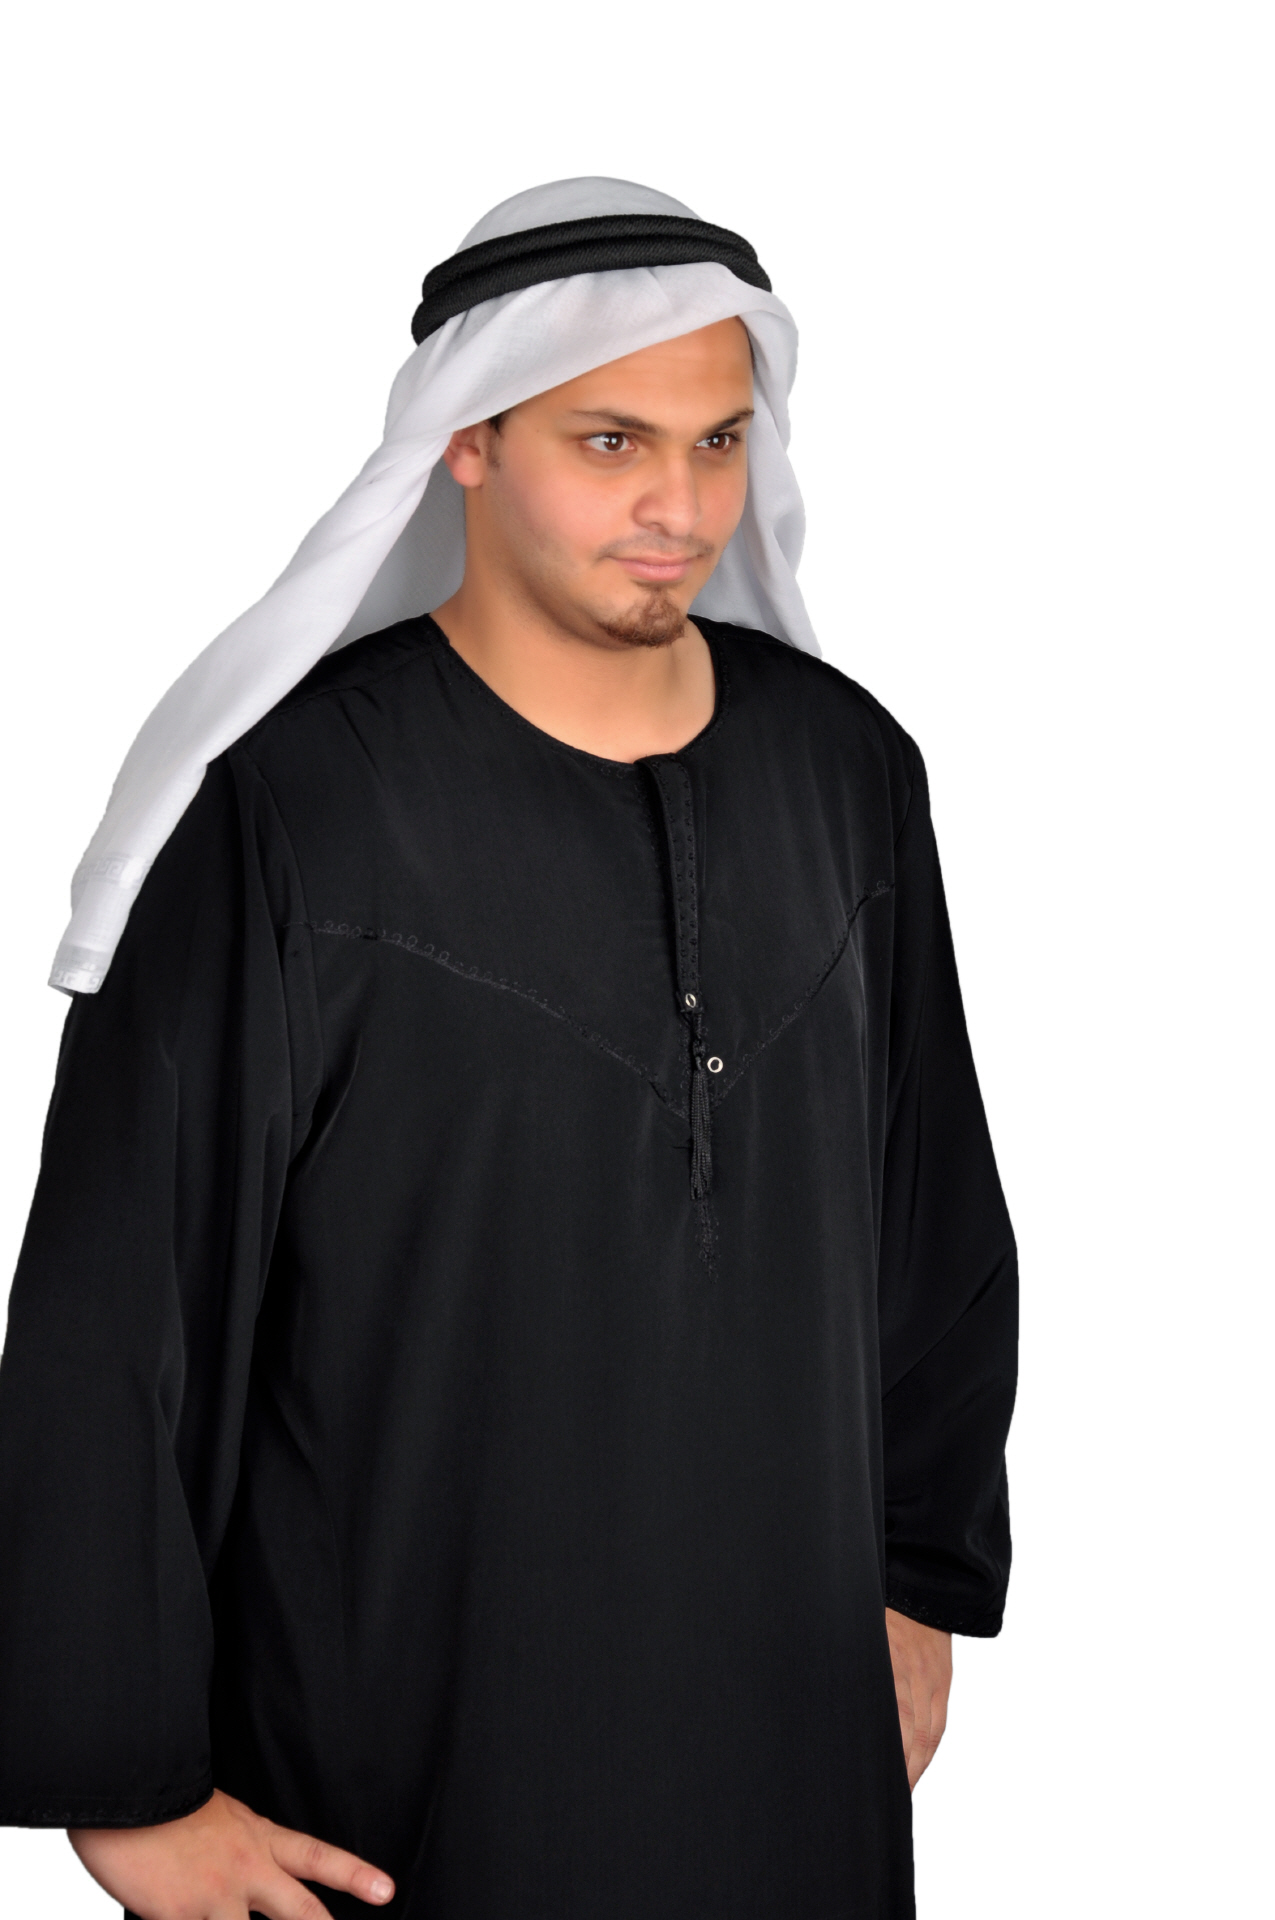 faschingskost m scheich araber scheichkost m orient herren kost m. Black Bedroom Furniture Sets. Home Design Ideas